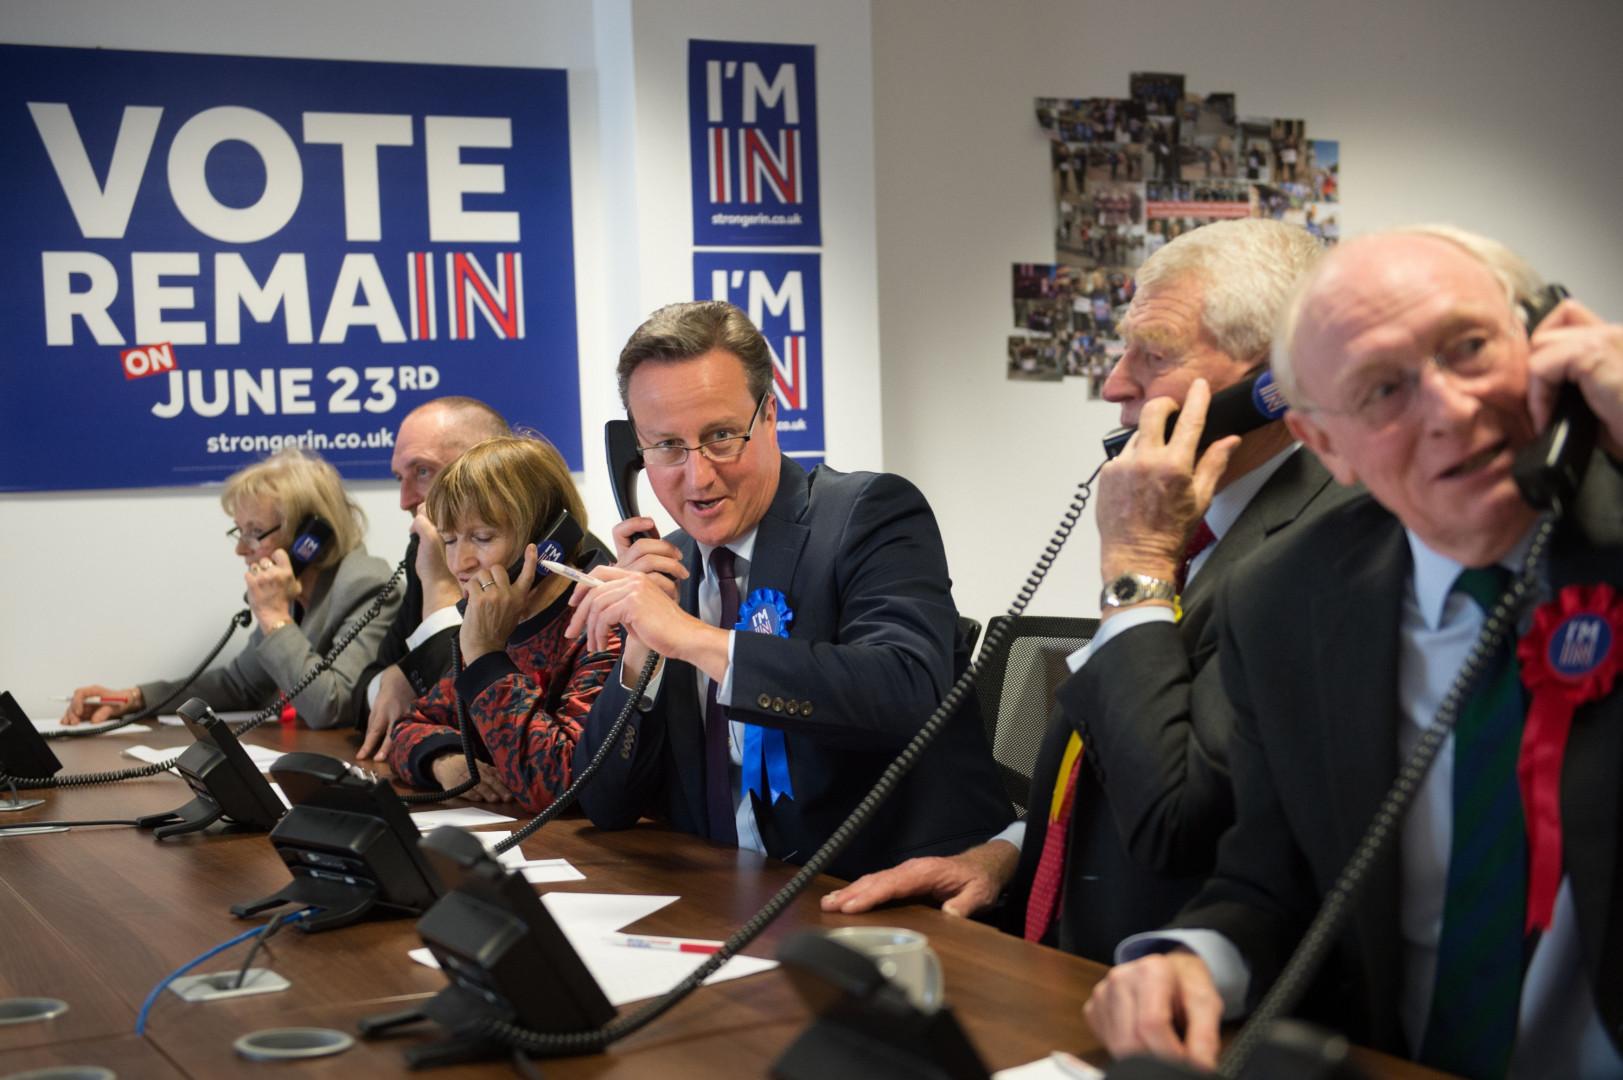 23 juin 2016: les Britanniques votent à 51,9% pour la sortie du Royaume-Uni de l'UE. Le Premier ministre conservateur David Cameron, partisan du maintien dans l'Union, démissionne.